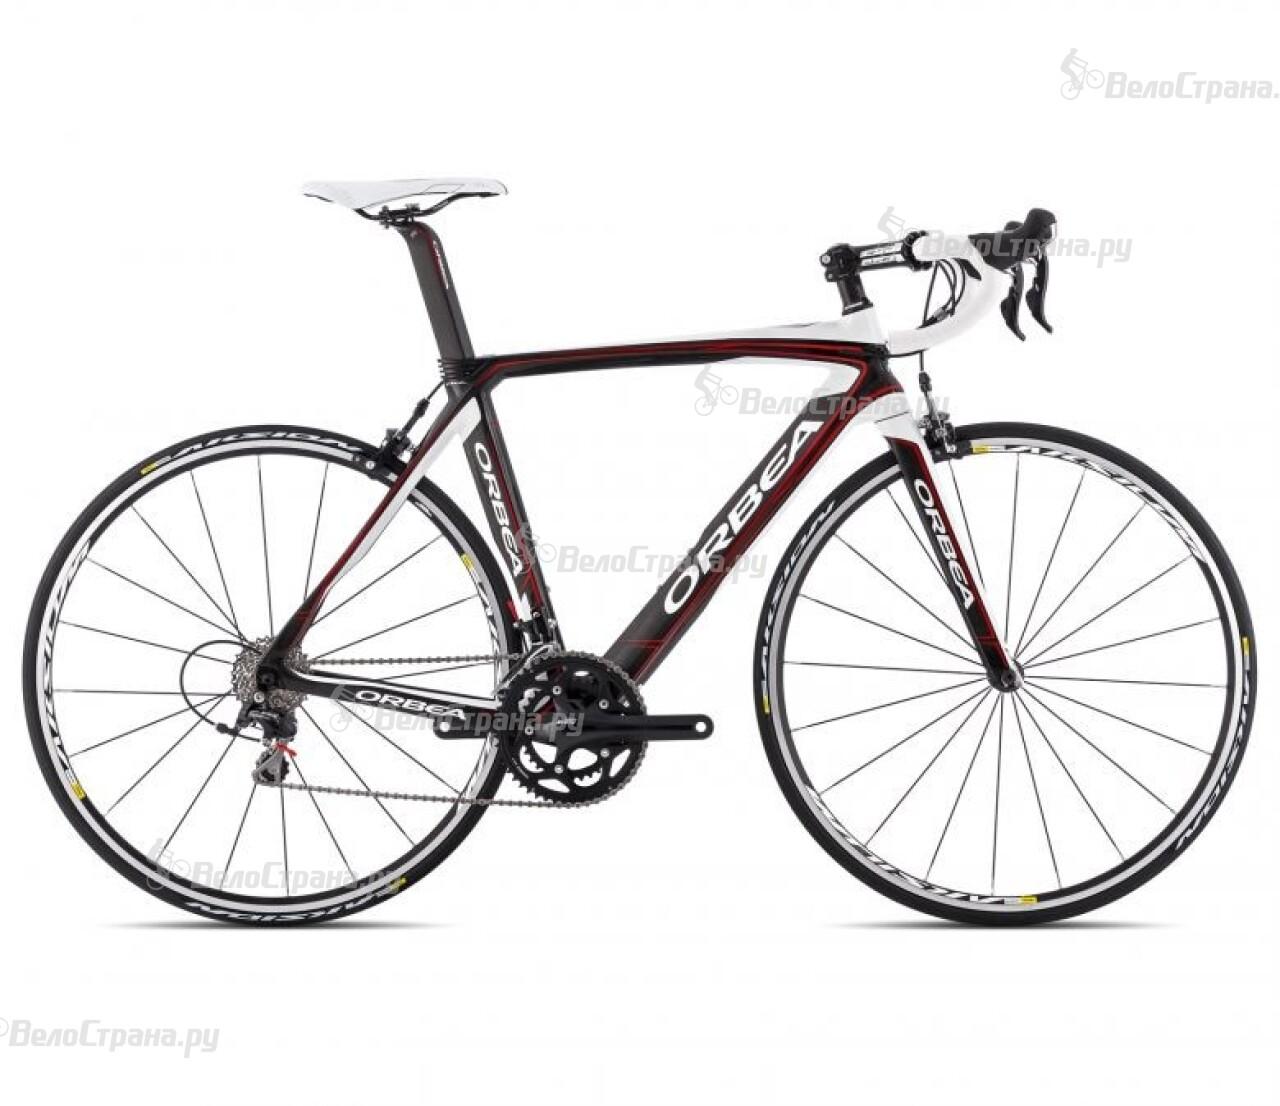 Велосипед Orbea Orca M70 (2014) велосипед orbea orca gli2 2013